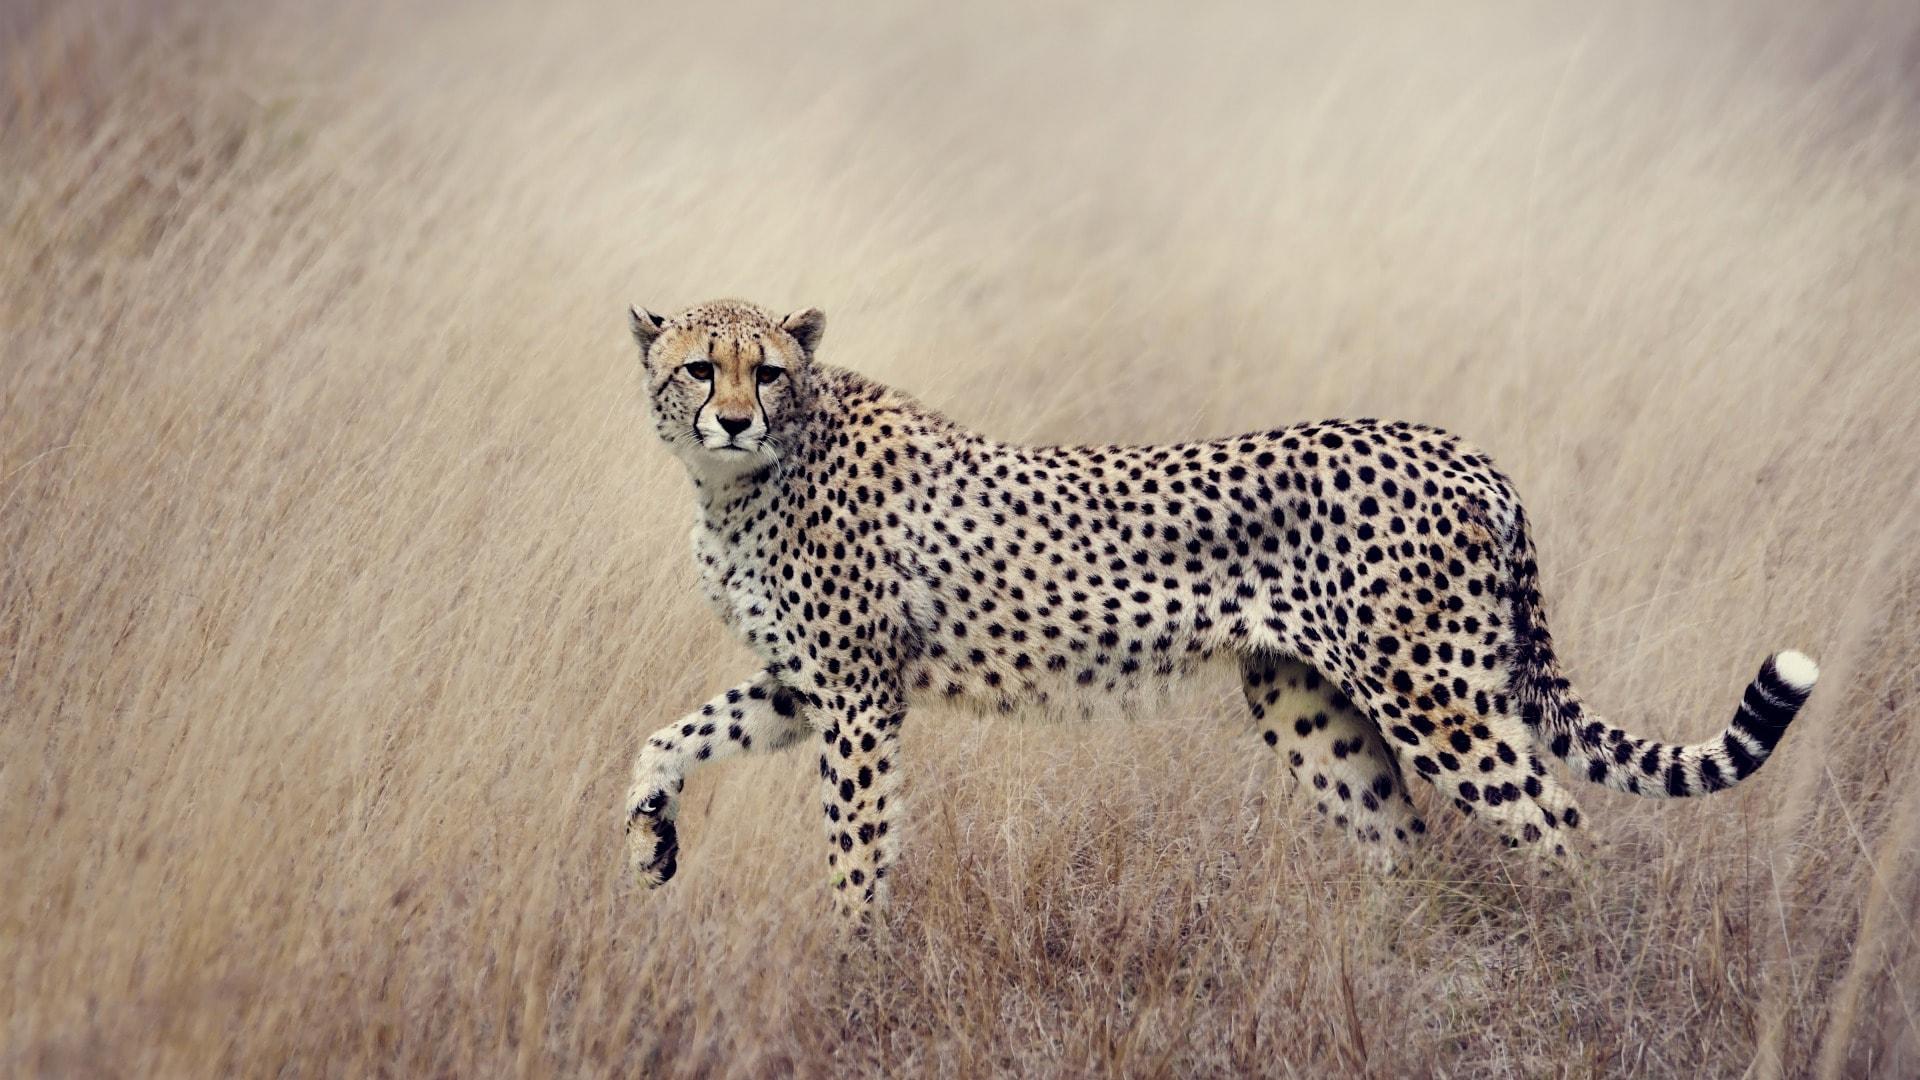 Тело гепарда покрыто черными пятнами